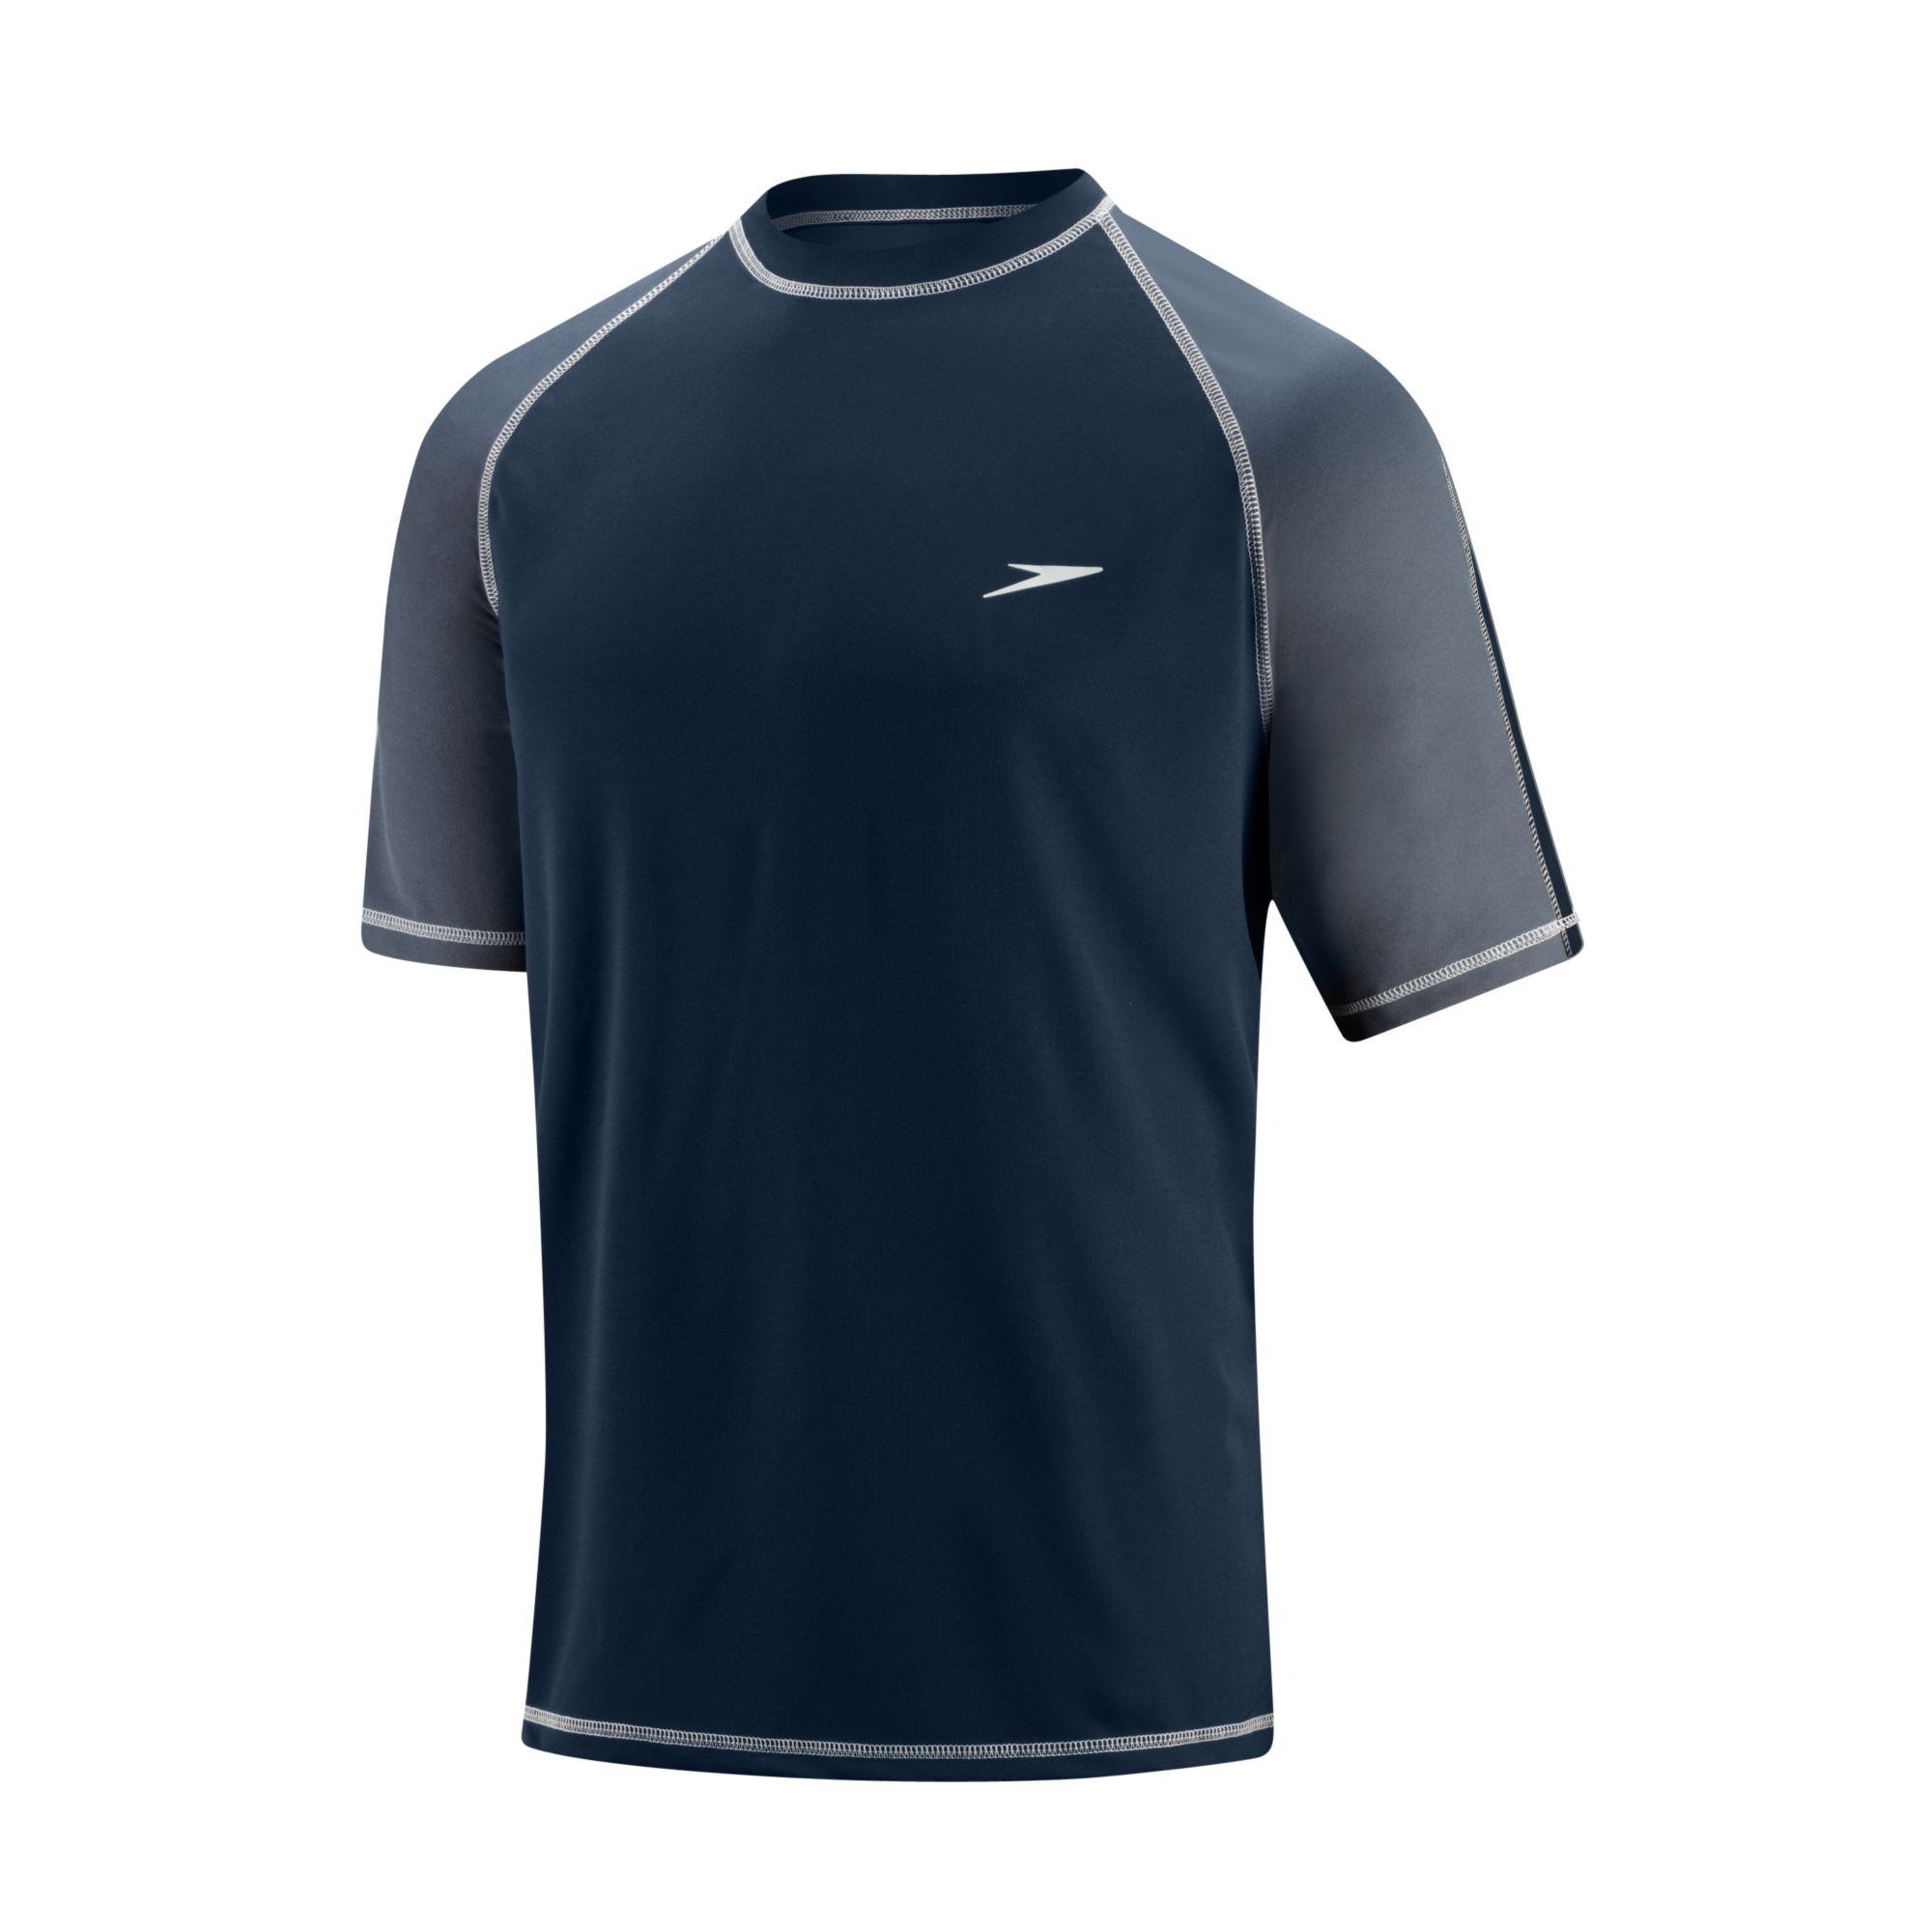 Speedo keepin 39 on short sleeve swim shirt swimsuit ebay for Men s uv swim shirt short sleeve